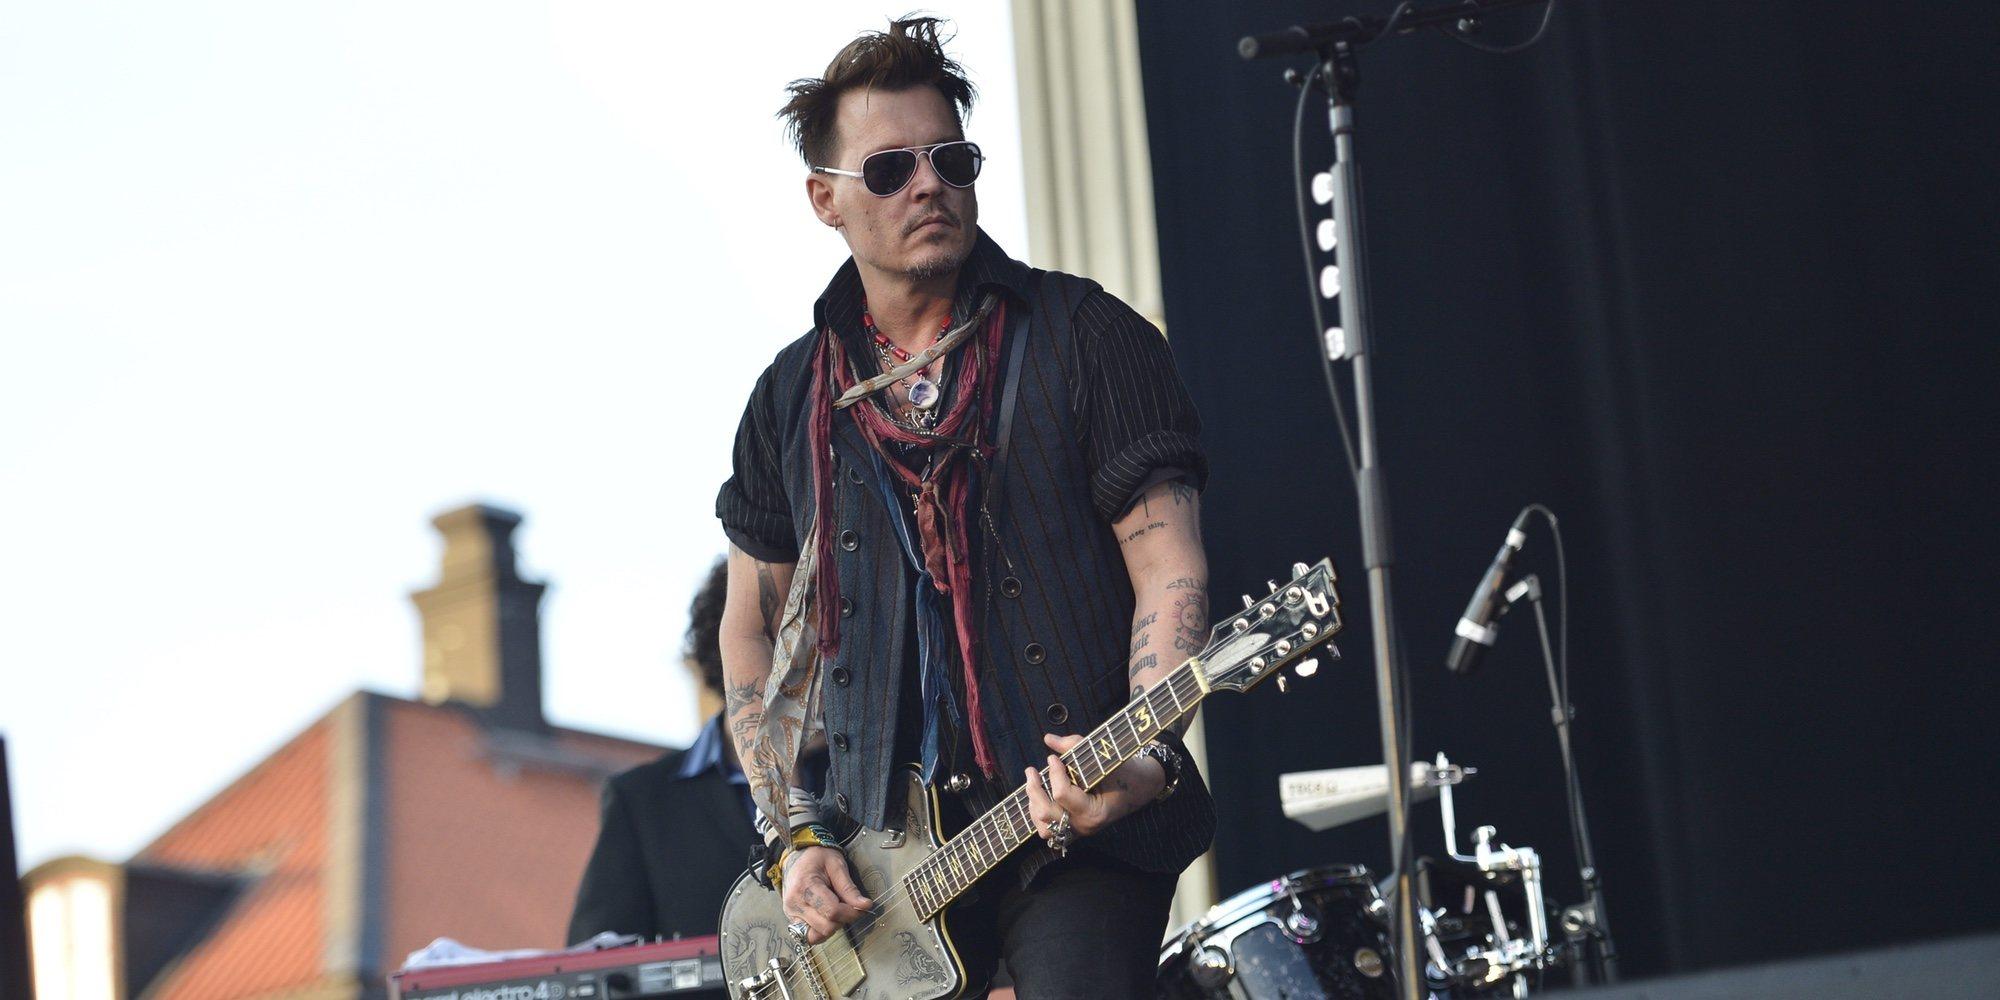 Johnny Depp, demandado por agredir a un trabajador durante el rodaje de una película